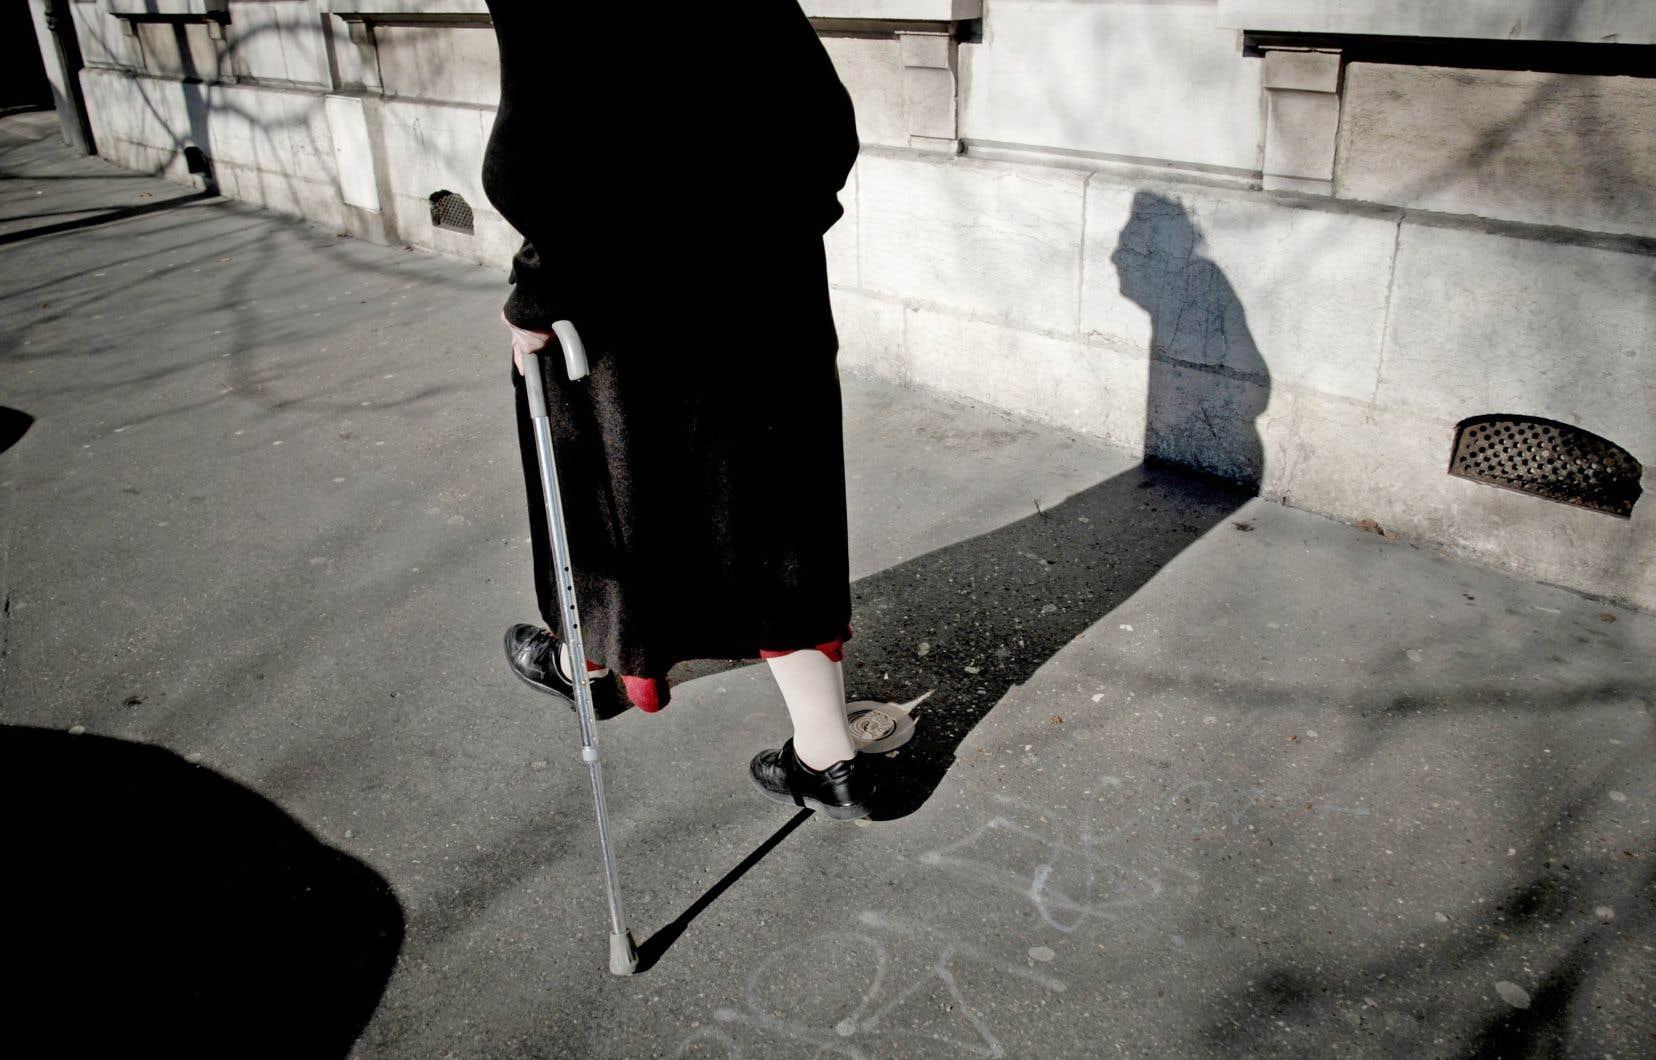 La capacité des personnes âgées à se déplacer seules en marchant est compromise par l'aménagement actuel des villes.